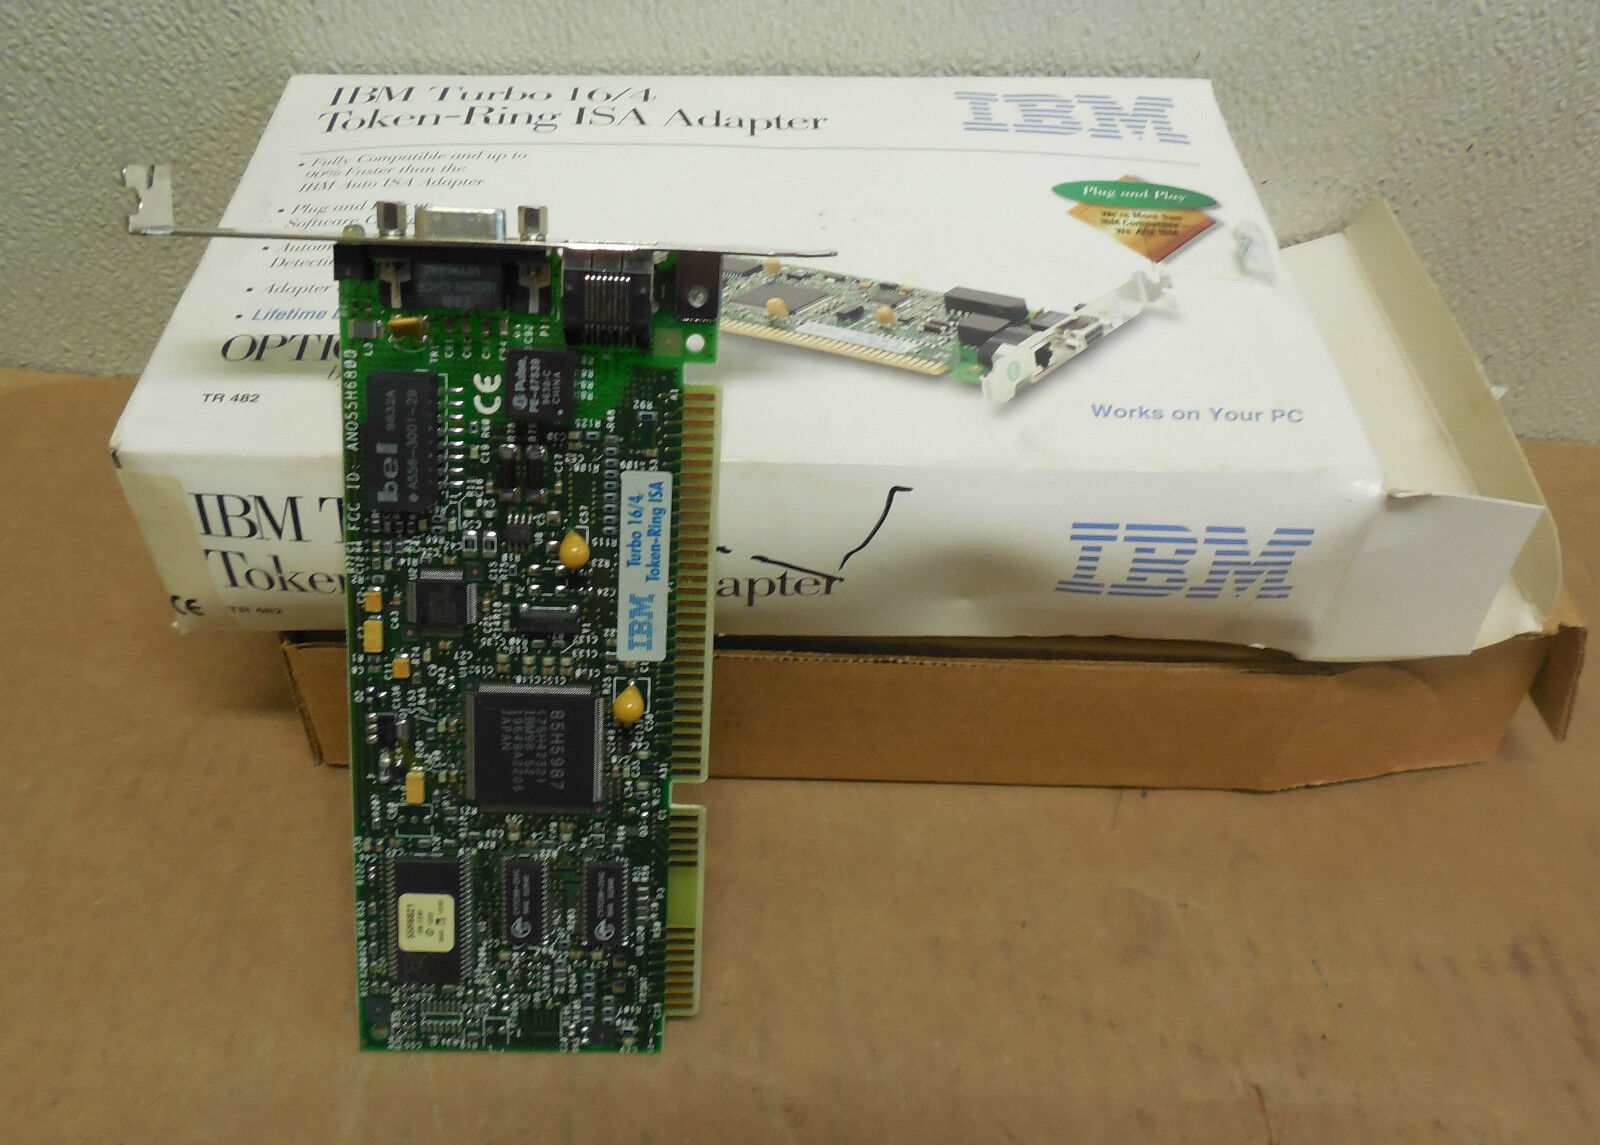 IBM TURBO 164 TOKEN RING ISA WINDOWS 7 64BIT DRIVER